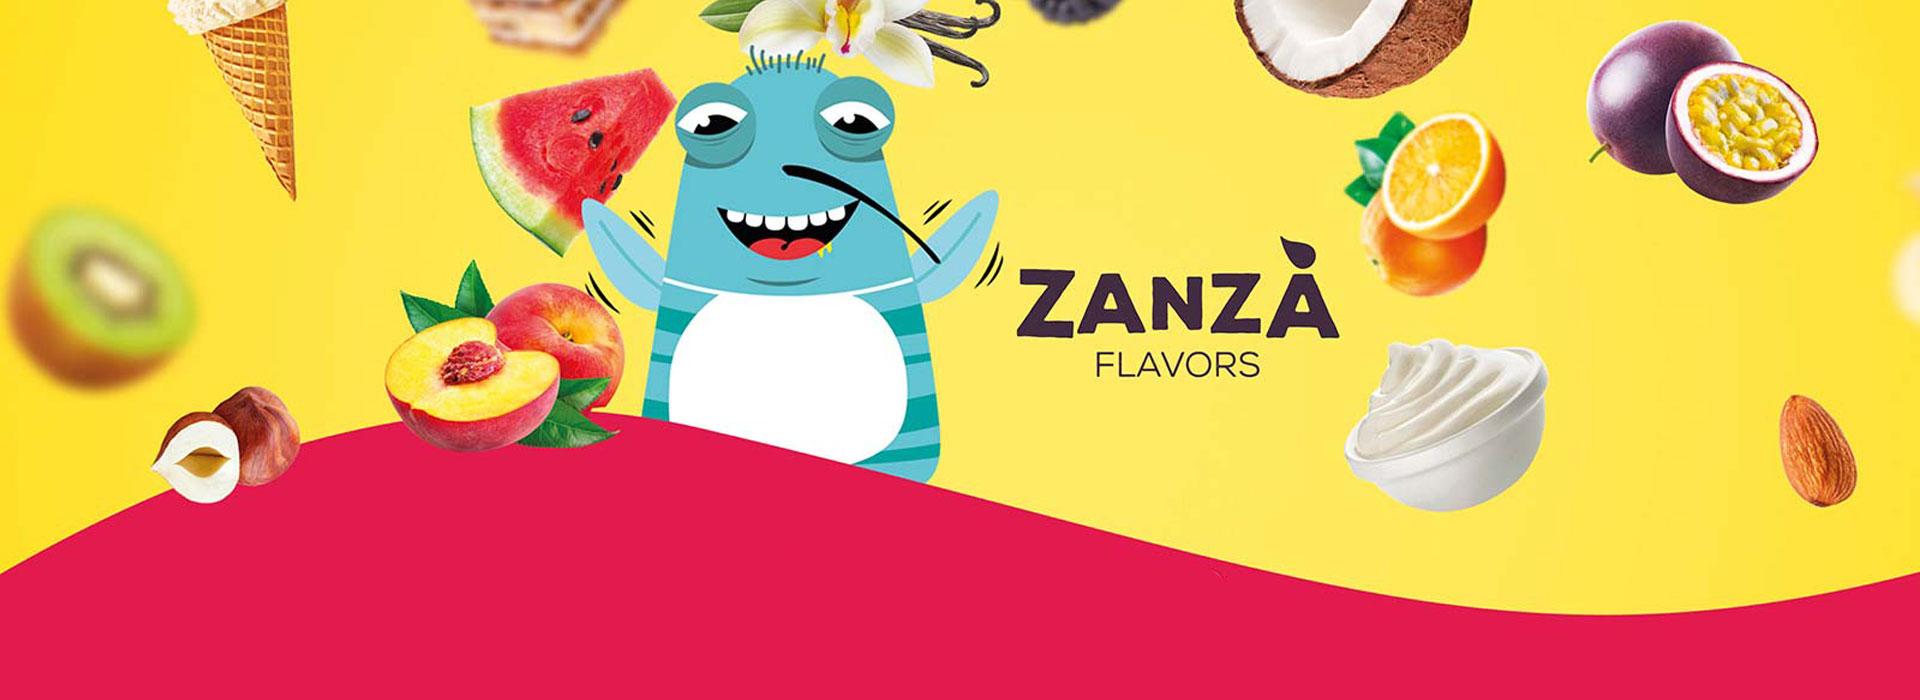 Zanza